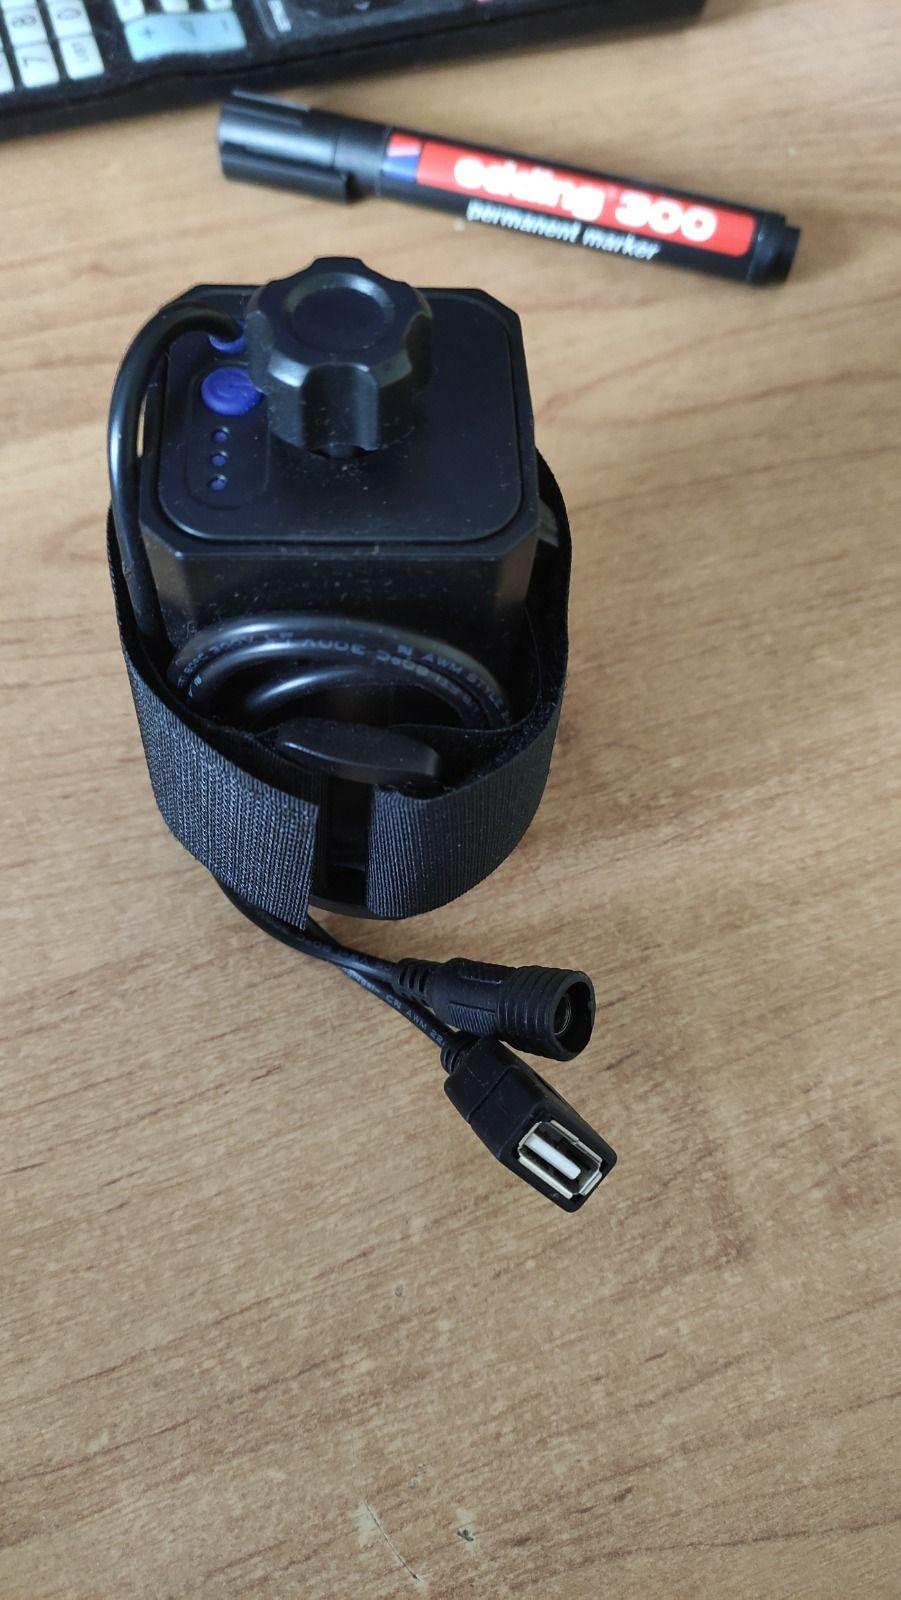 Бокс- пауэрбанк для аккумуляторов 18650 для SolarStorm, 8.4 V, USB 5 V.